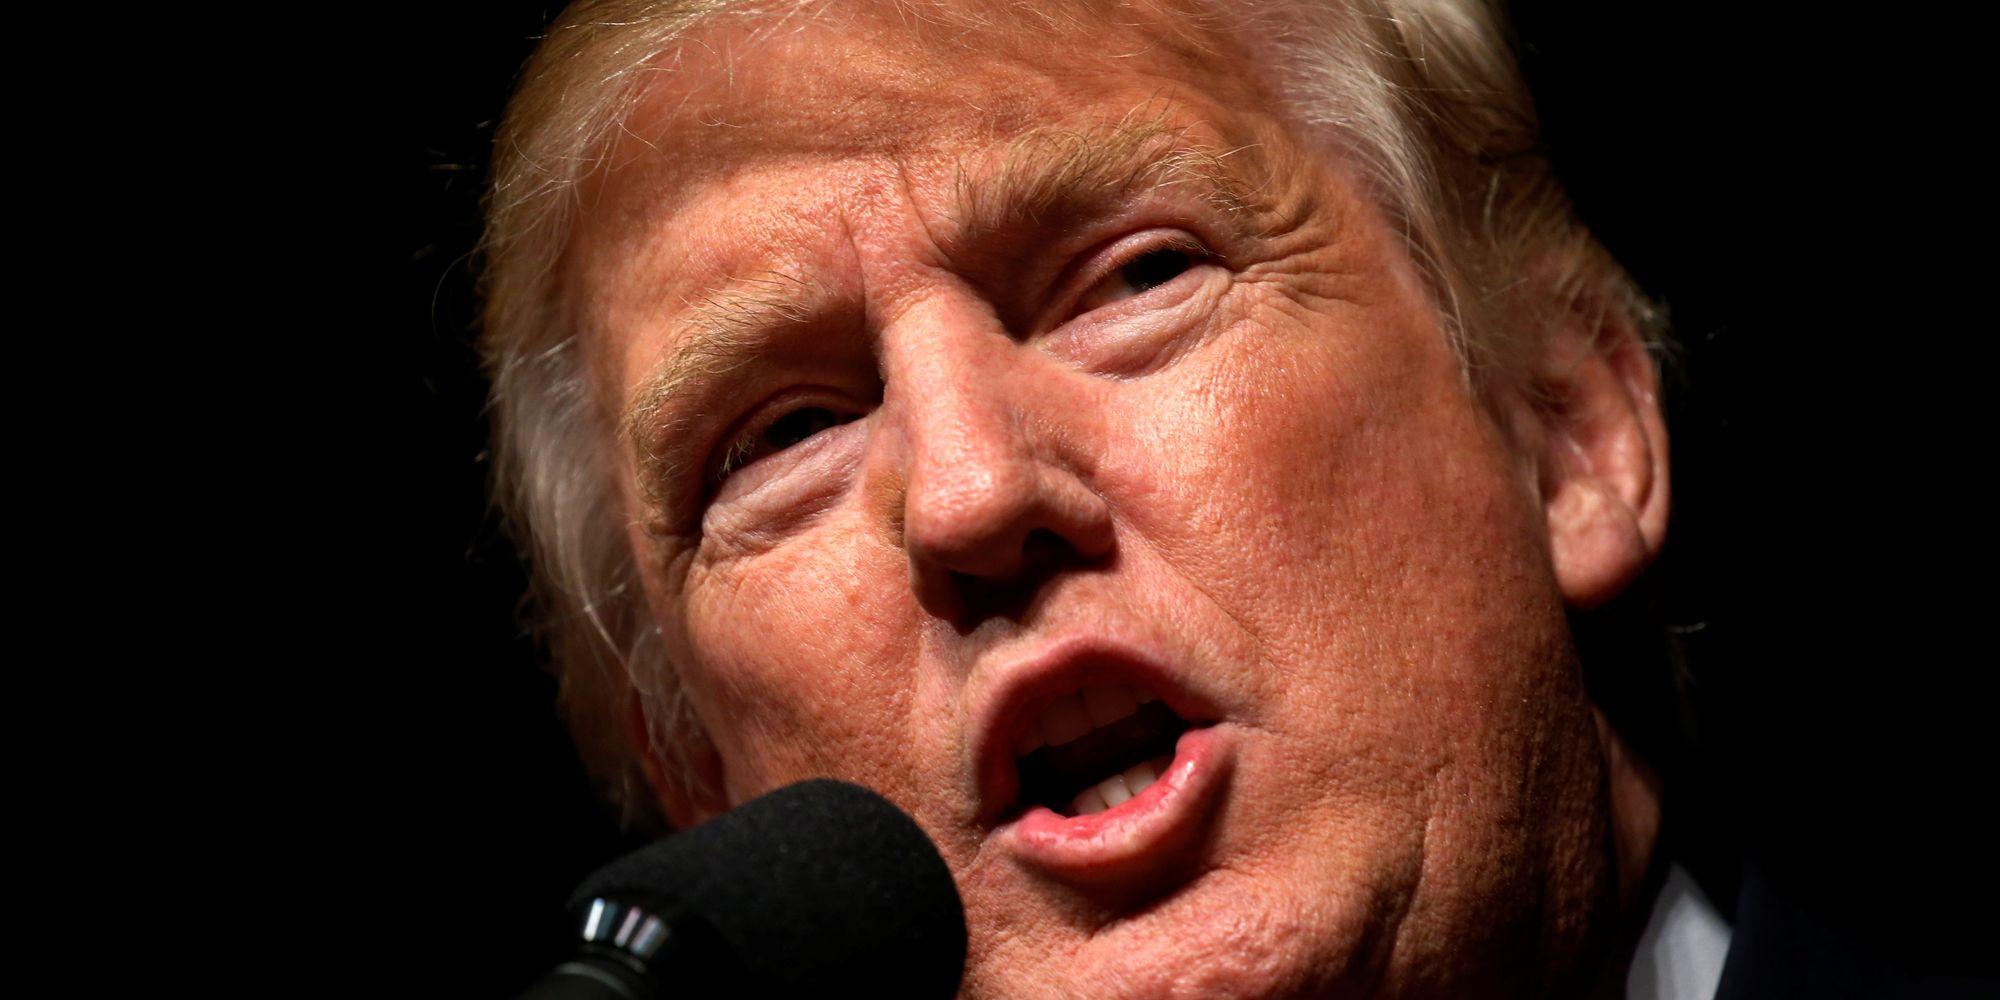 Donald Trump Hates Alec Baldwin